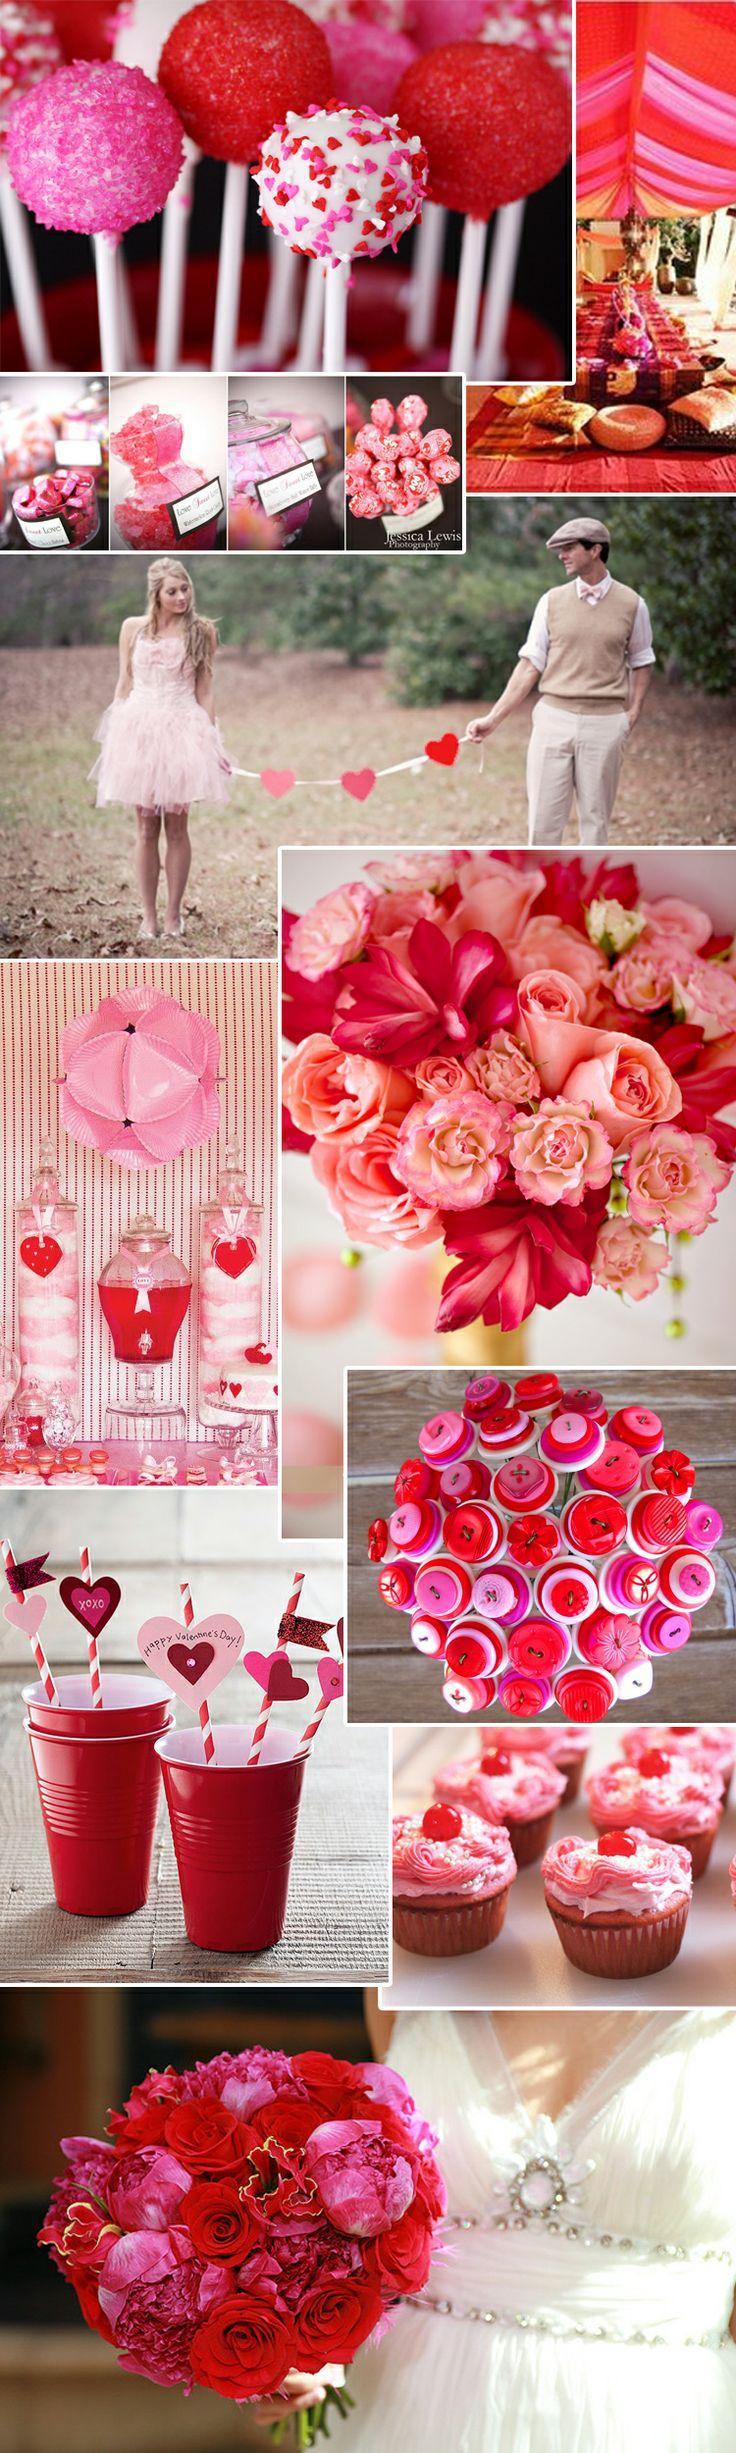 Свадьба - Розовый-Красный-Свадьбы